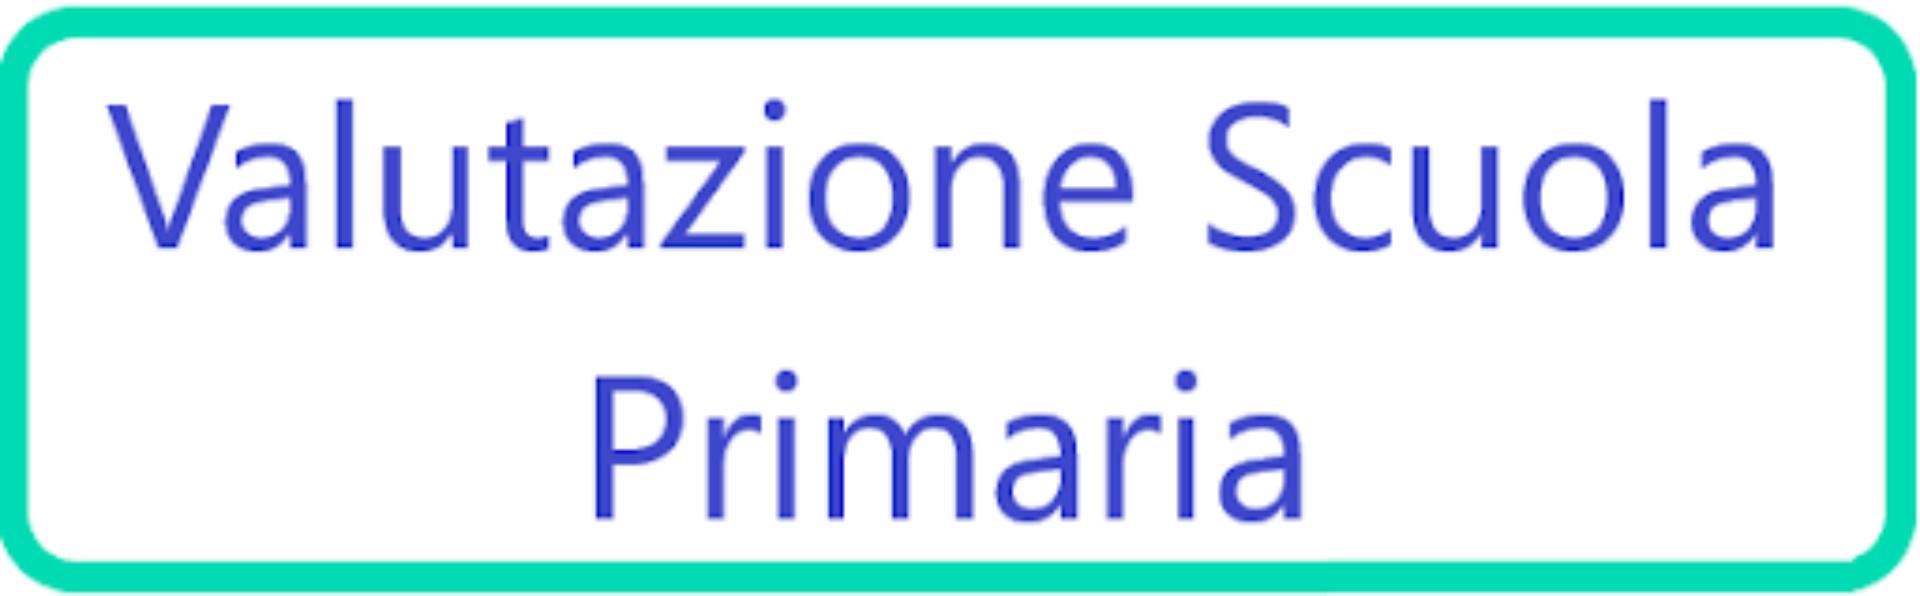 LA VALUTAZIONE NELLA SCUOLA PRIMARIA A.S. 2020/2021